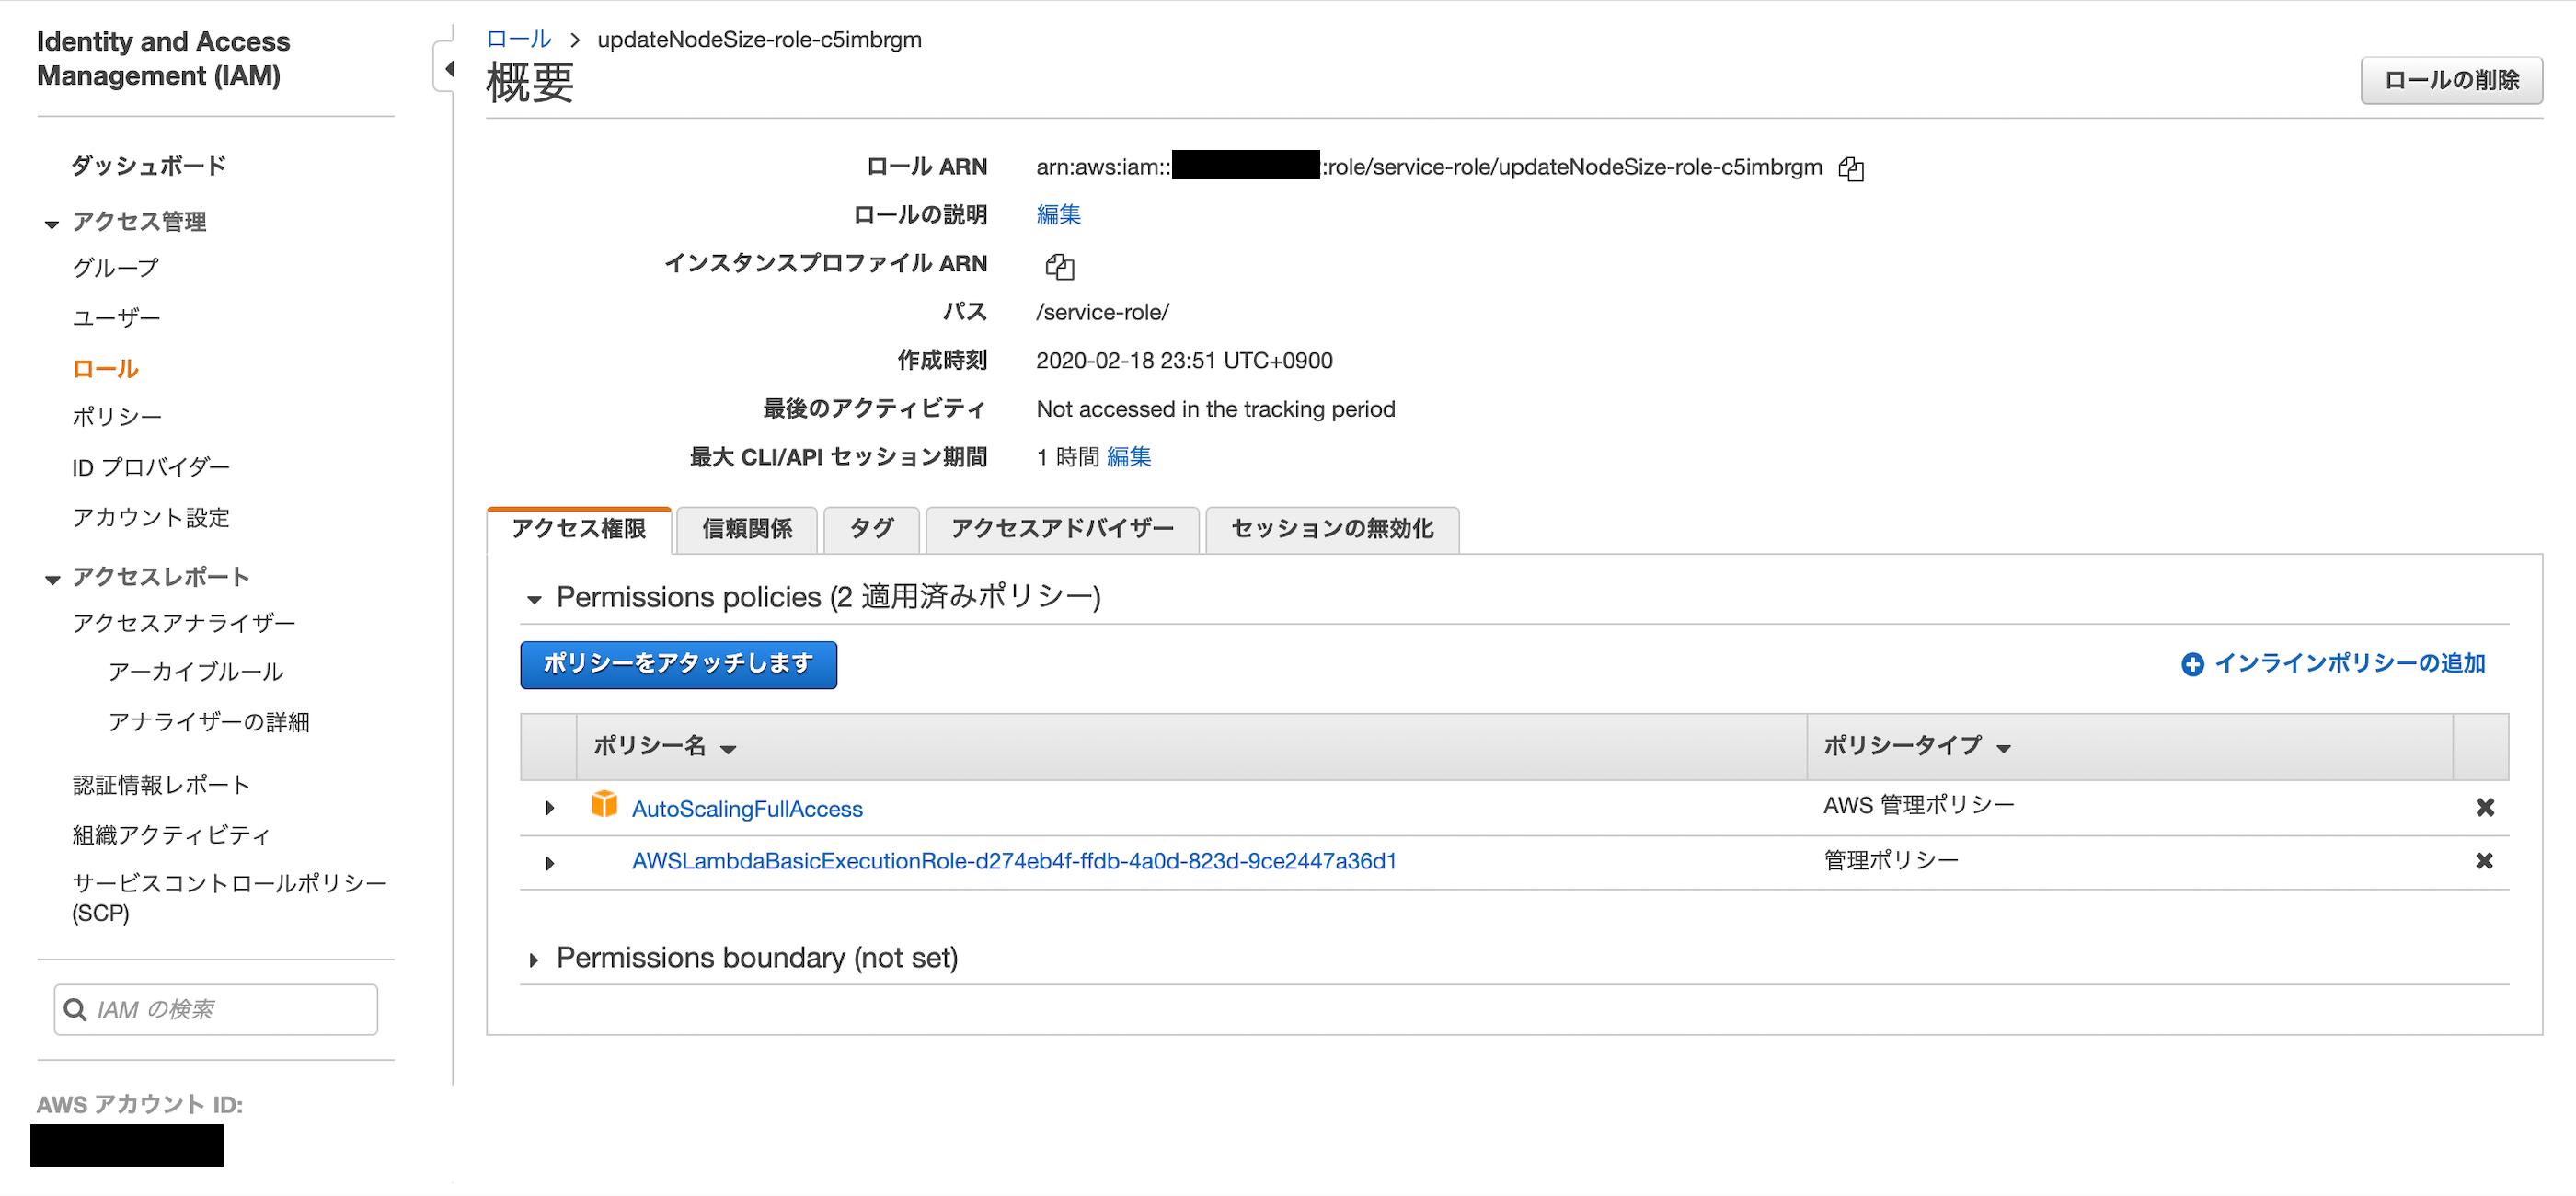 スクリーンショット 2020-02-19 0.57.21.png